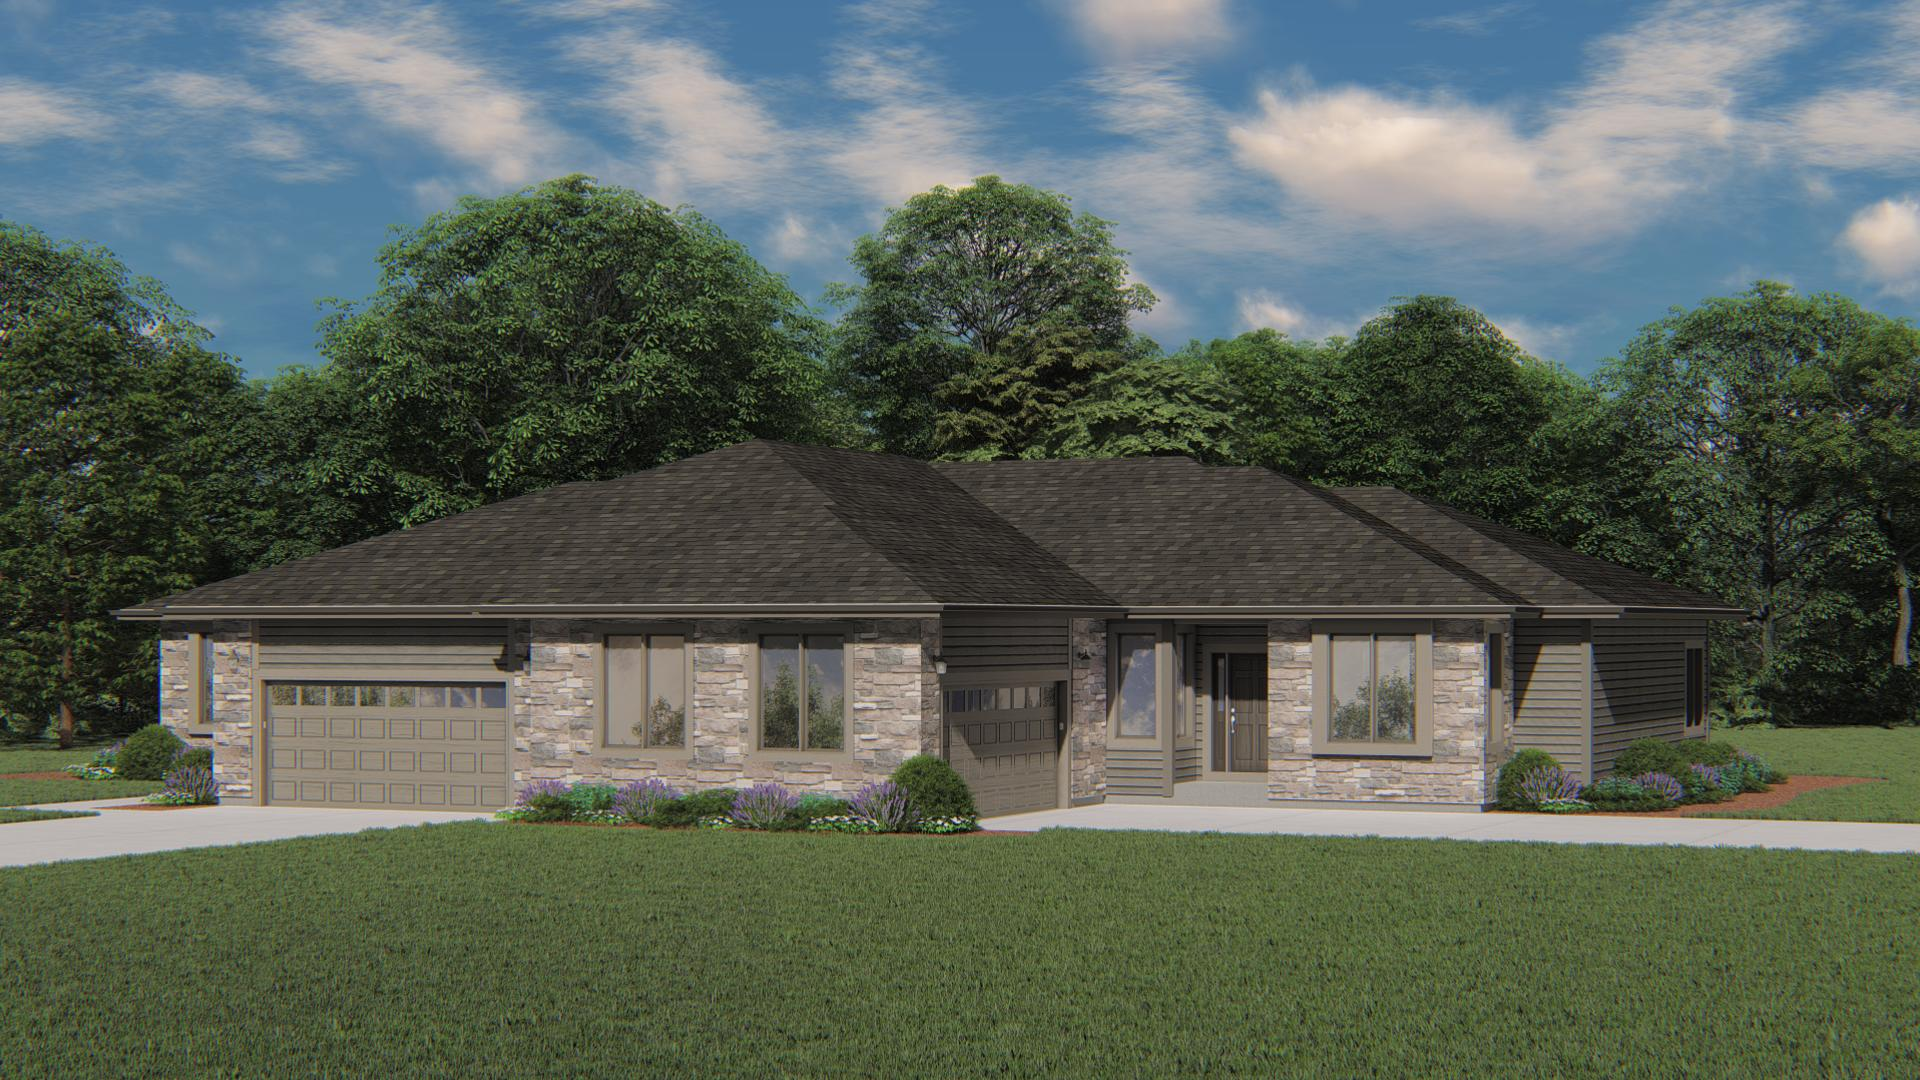 1000 Pinegrove Ct, Hartland, Wisconsin 53029, 2 Bedrooms Bedrooms, 9 Rooms Rooms,2 BathroomsBathrooms,Condominiums,For Sale,Pinegrove Ct,1,1765339